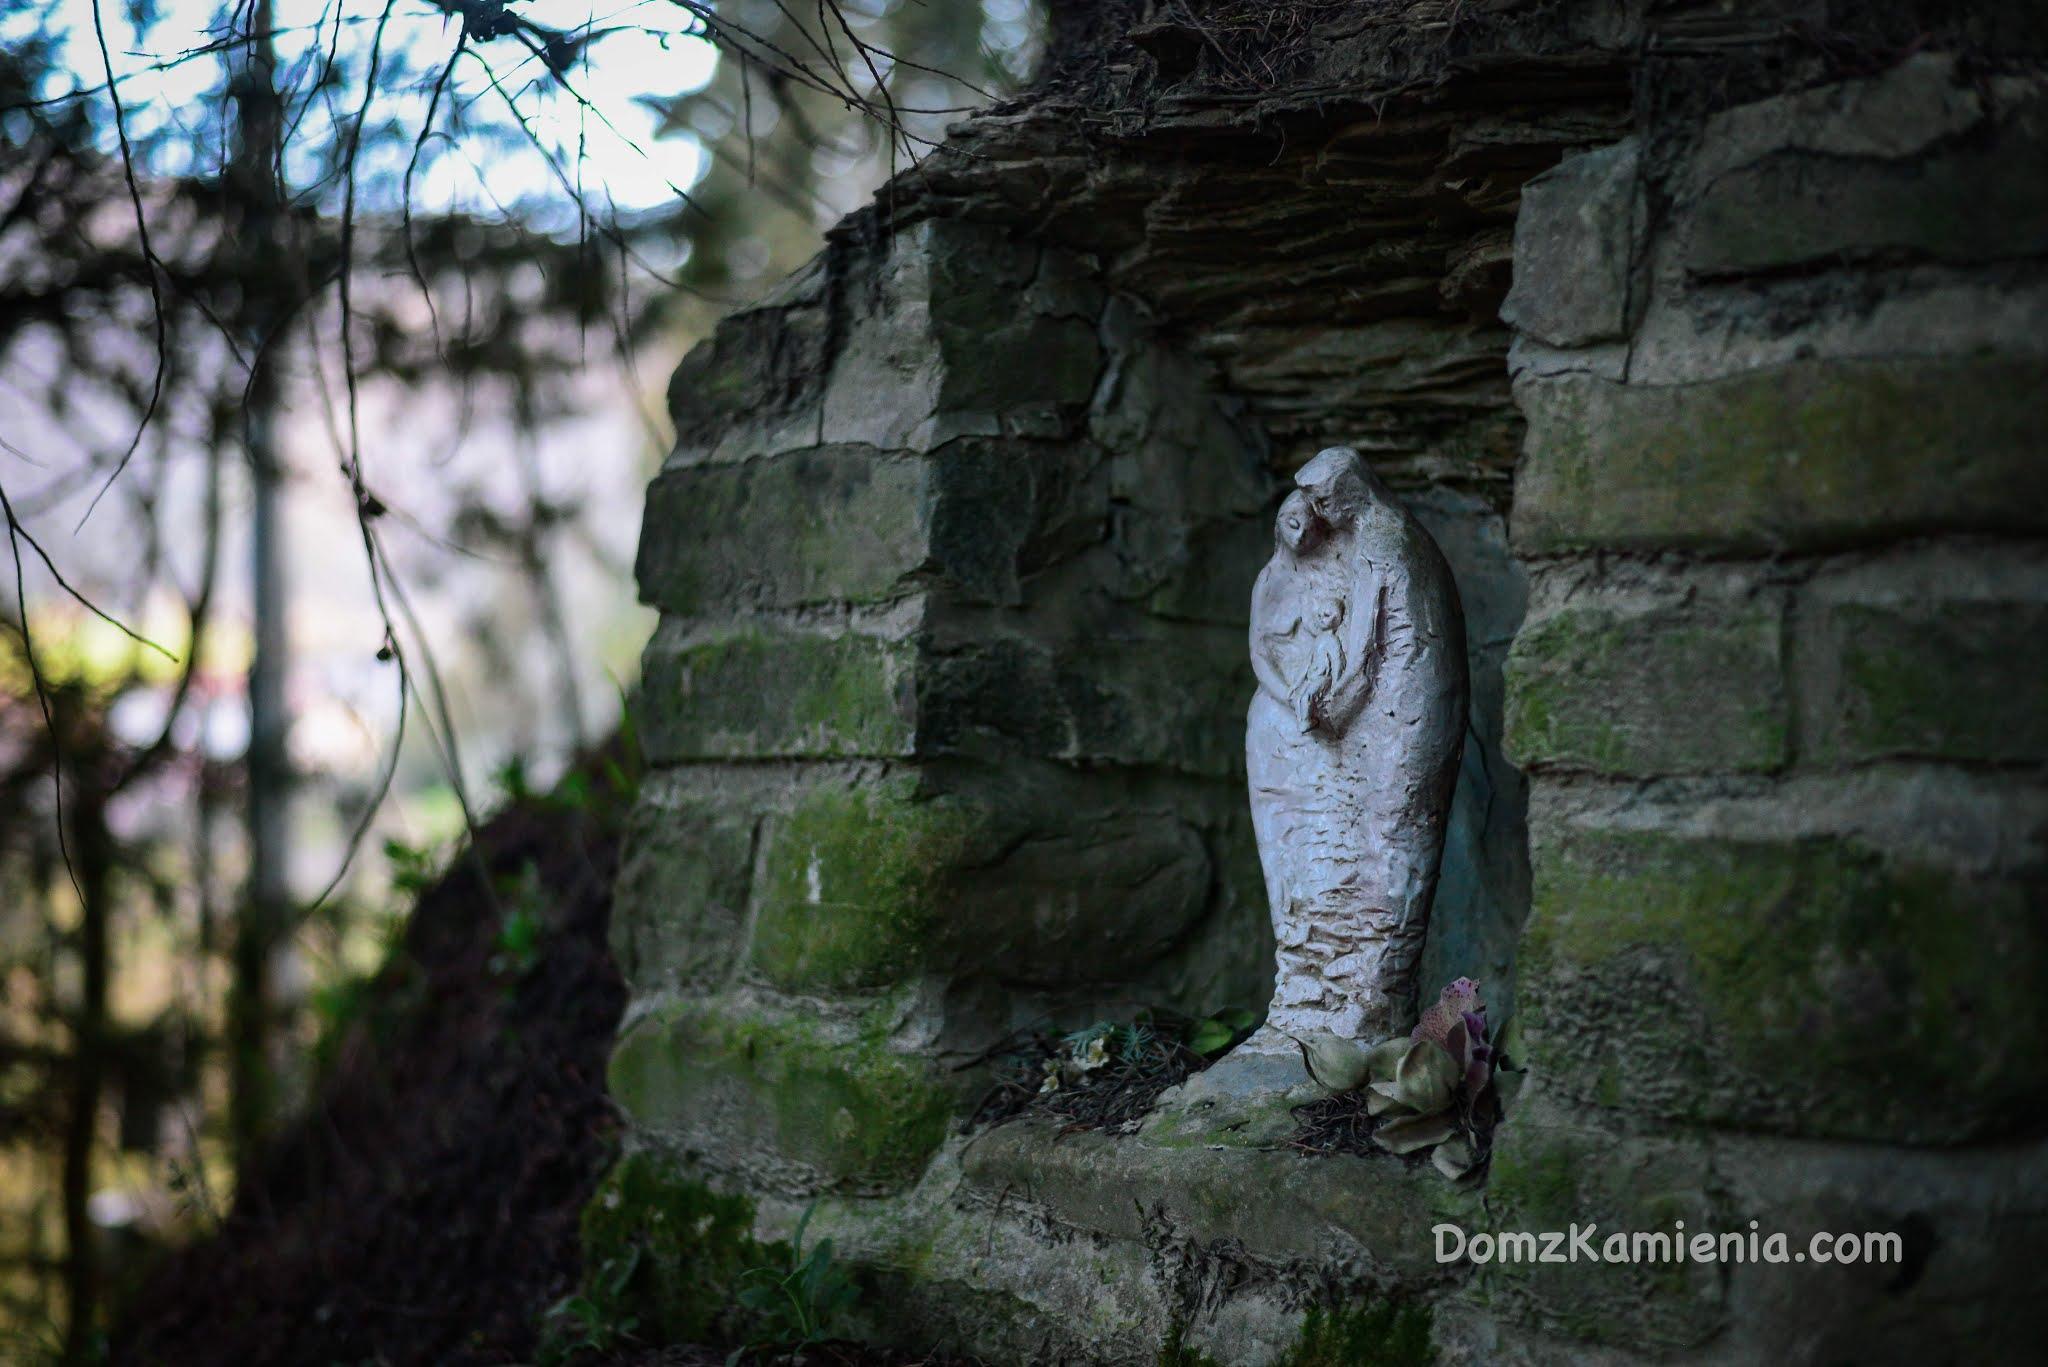 Popolano - Dom z Kamienia blog, Toskania nieznana